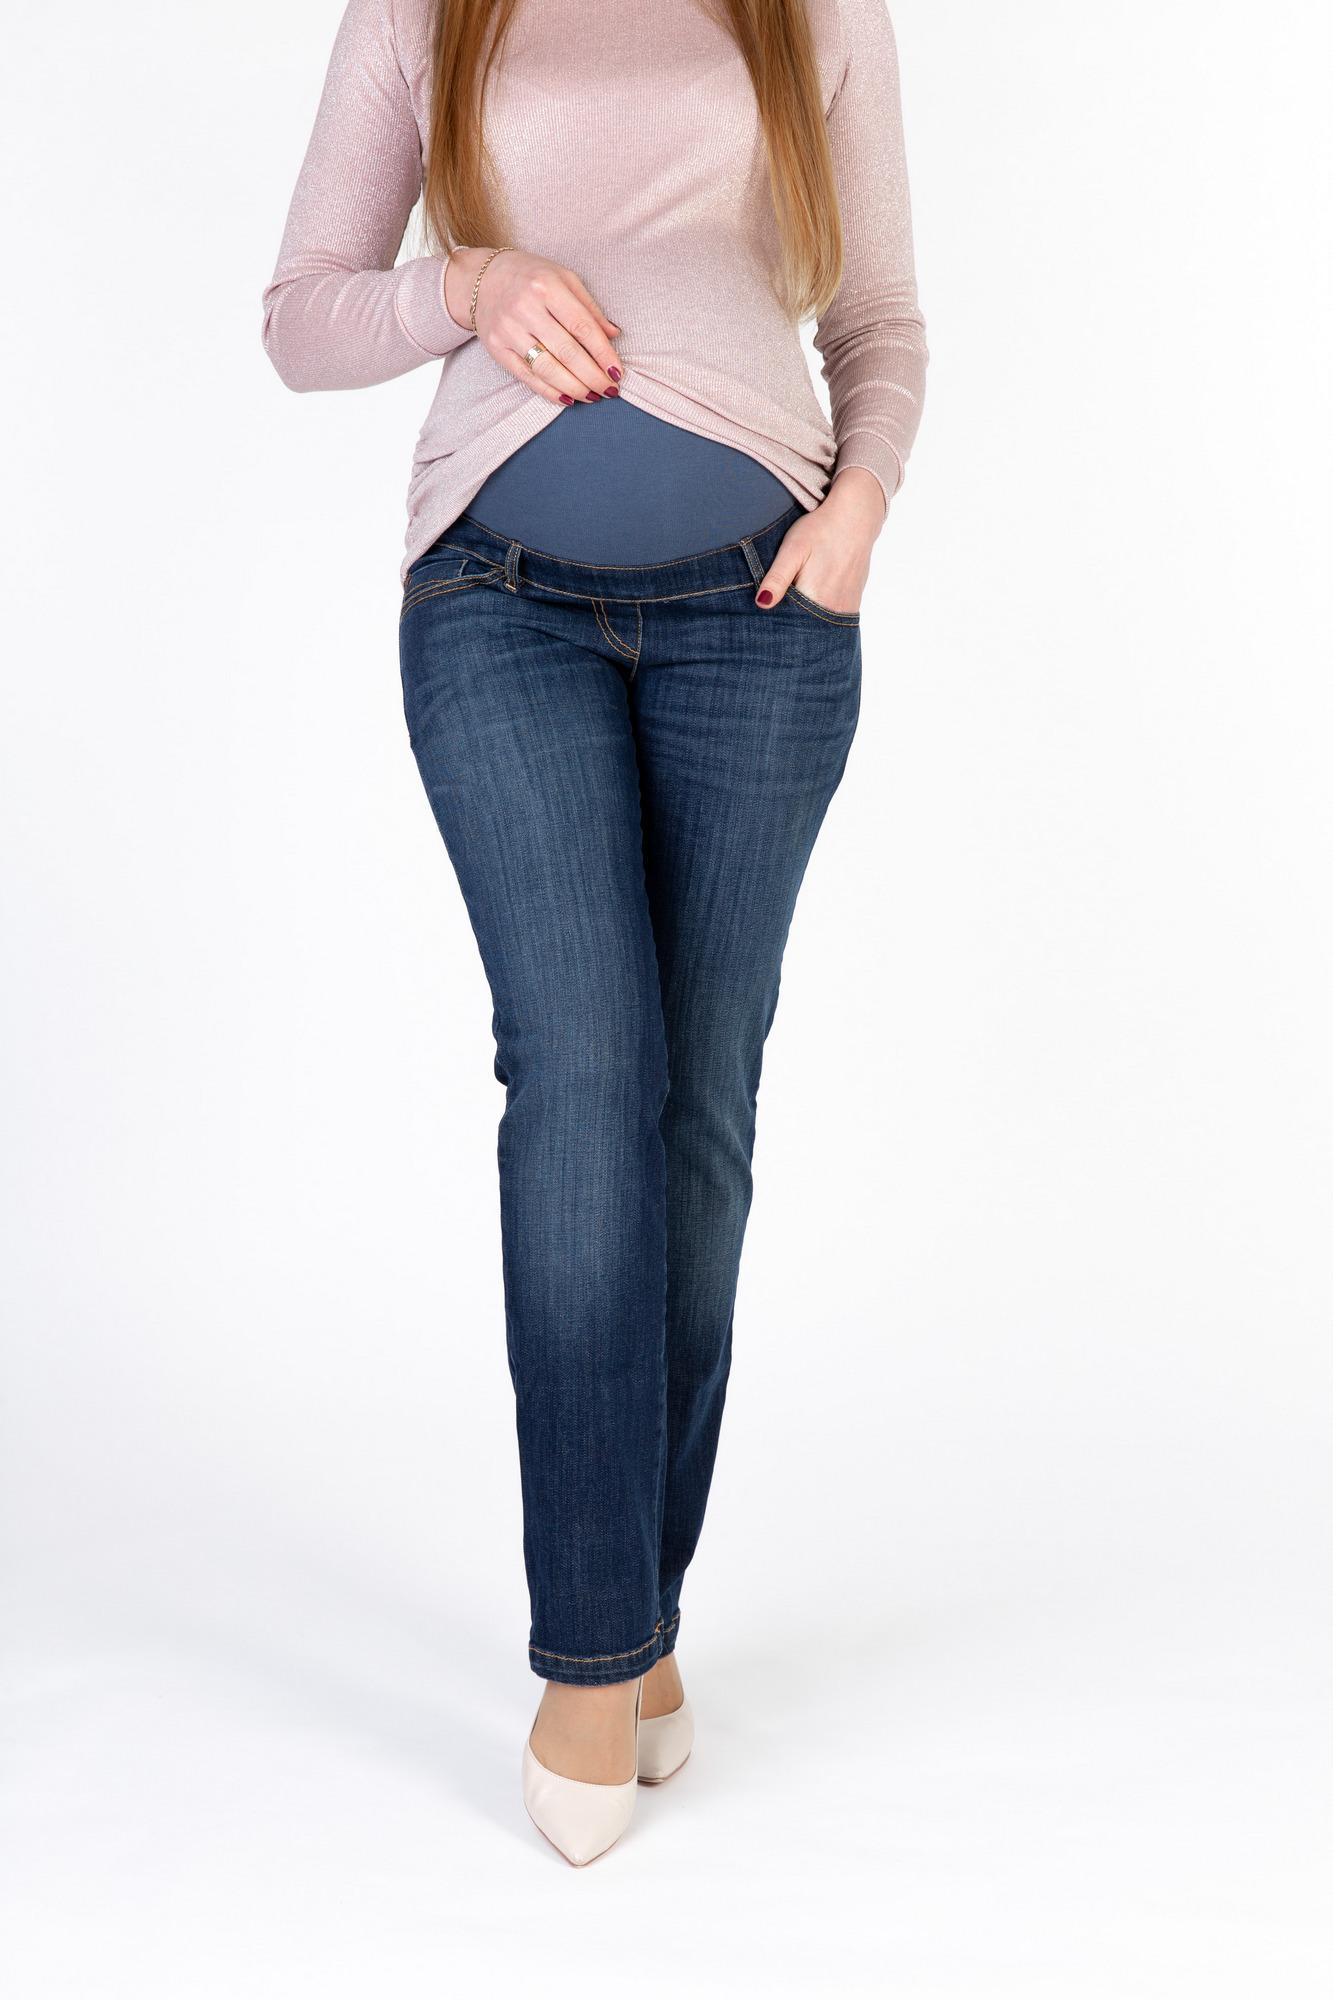 Фото джинсы для беременных 9Fashion, прямые, высокая трикотажная вставка от магазина СкороМама, синий, размеры.